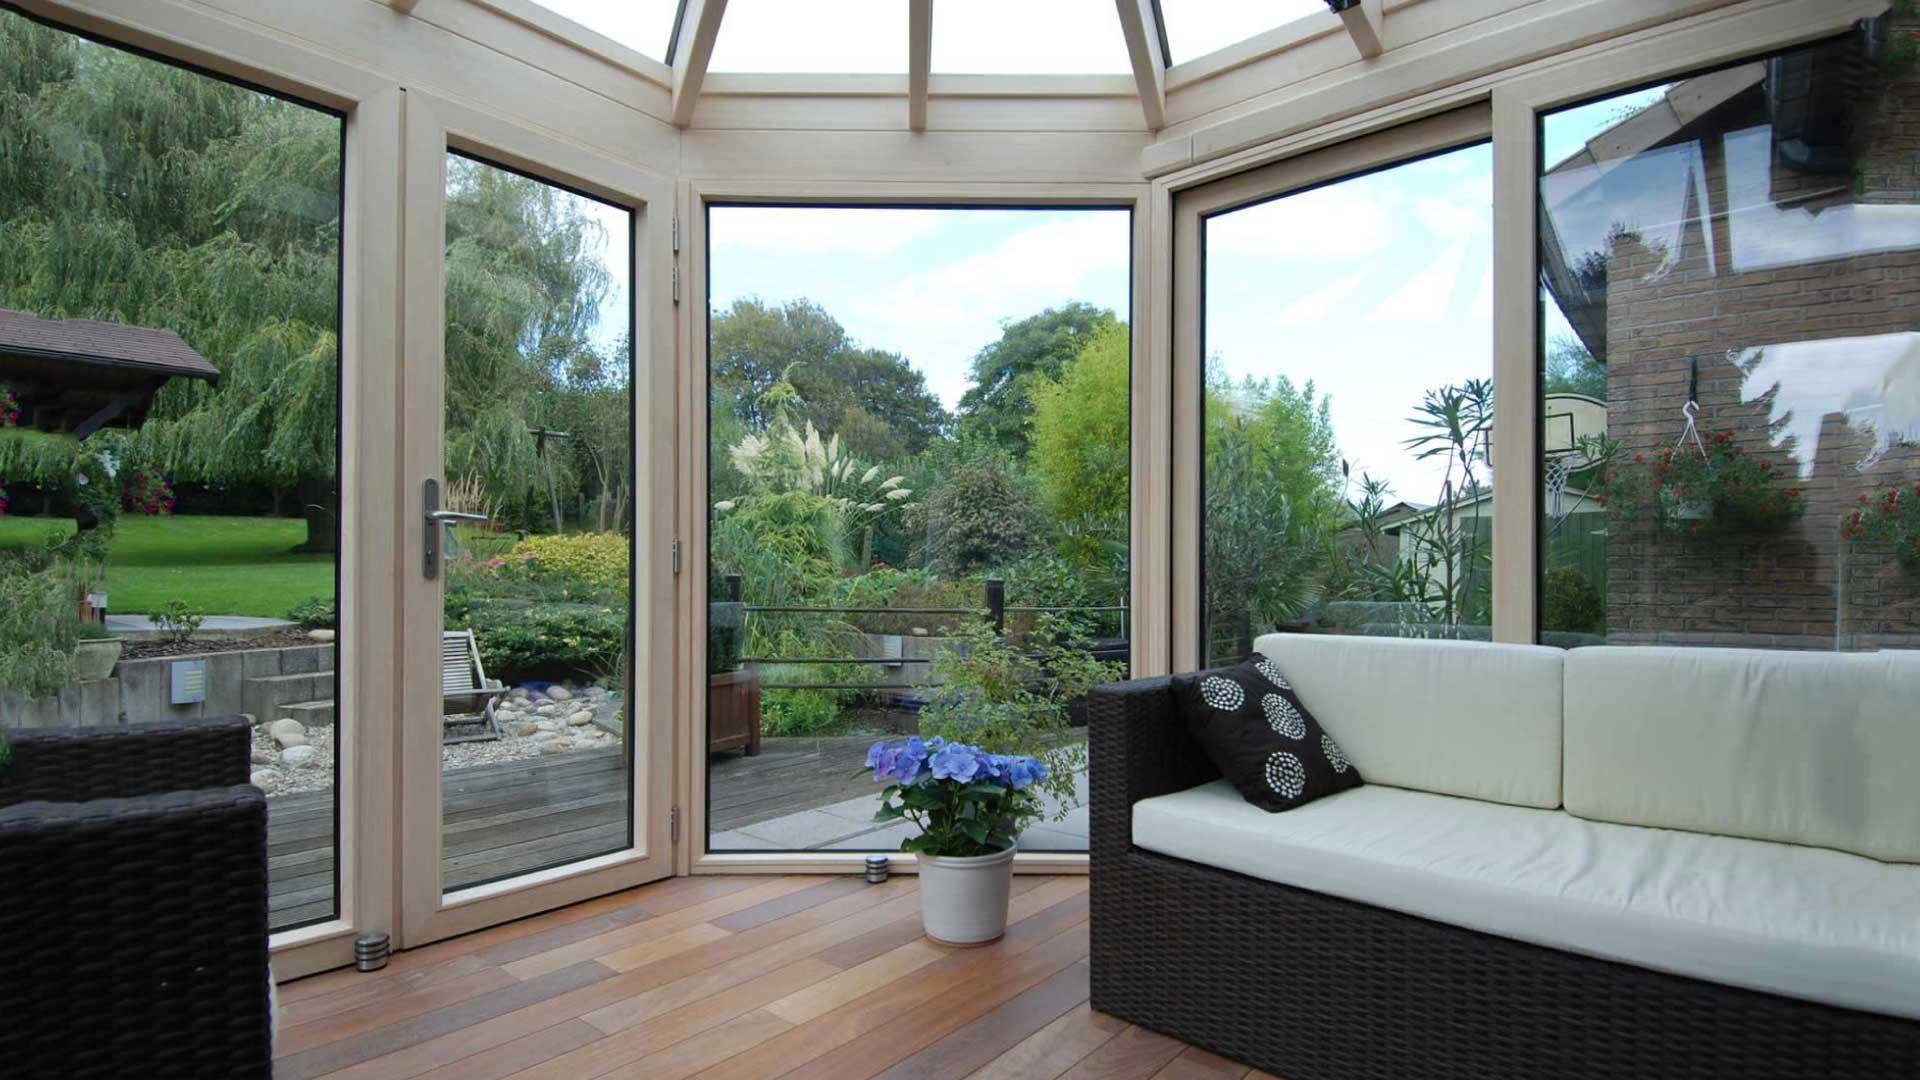 Modelos de ventanas y puertas de aluminio elegant modelos for Modelos de puertas y ventanas de aluminio